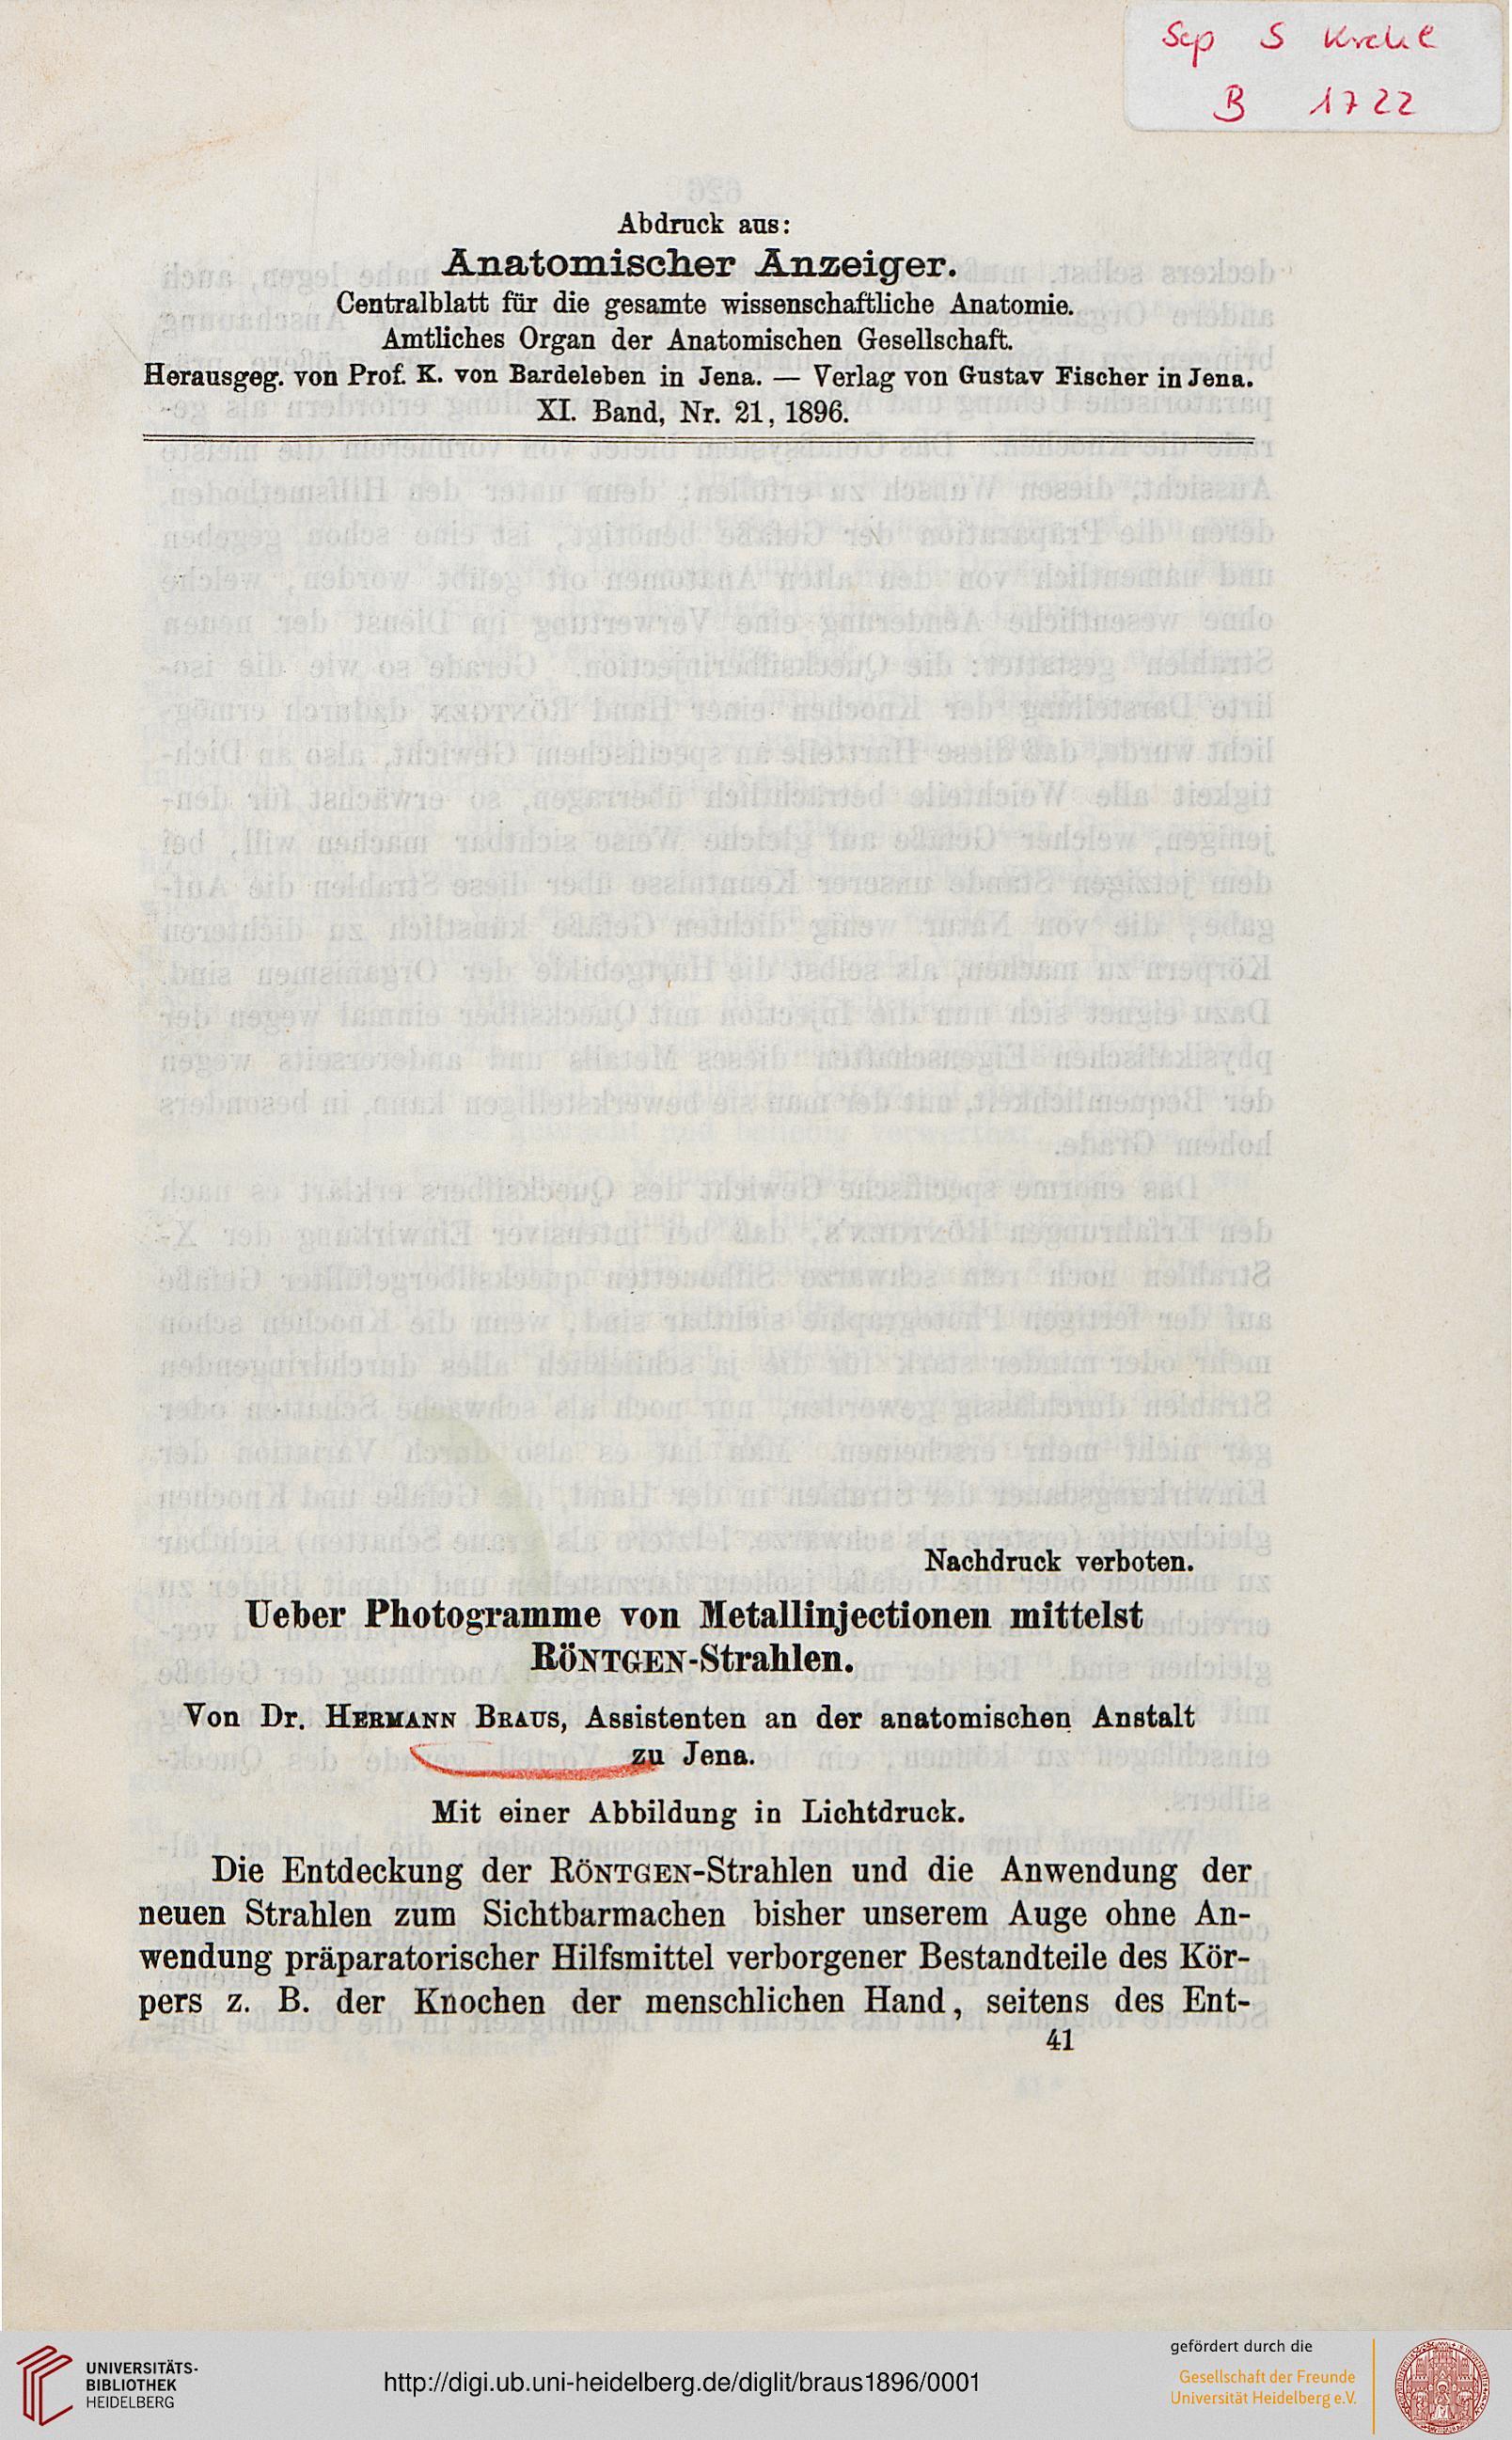 Ausgezeichnet Die Entdeckt Anatomie Galerie - Anatomie Ideen ...